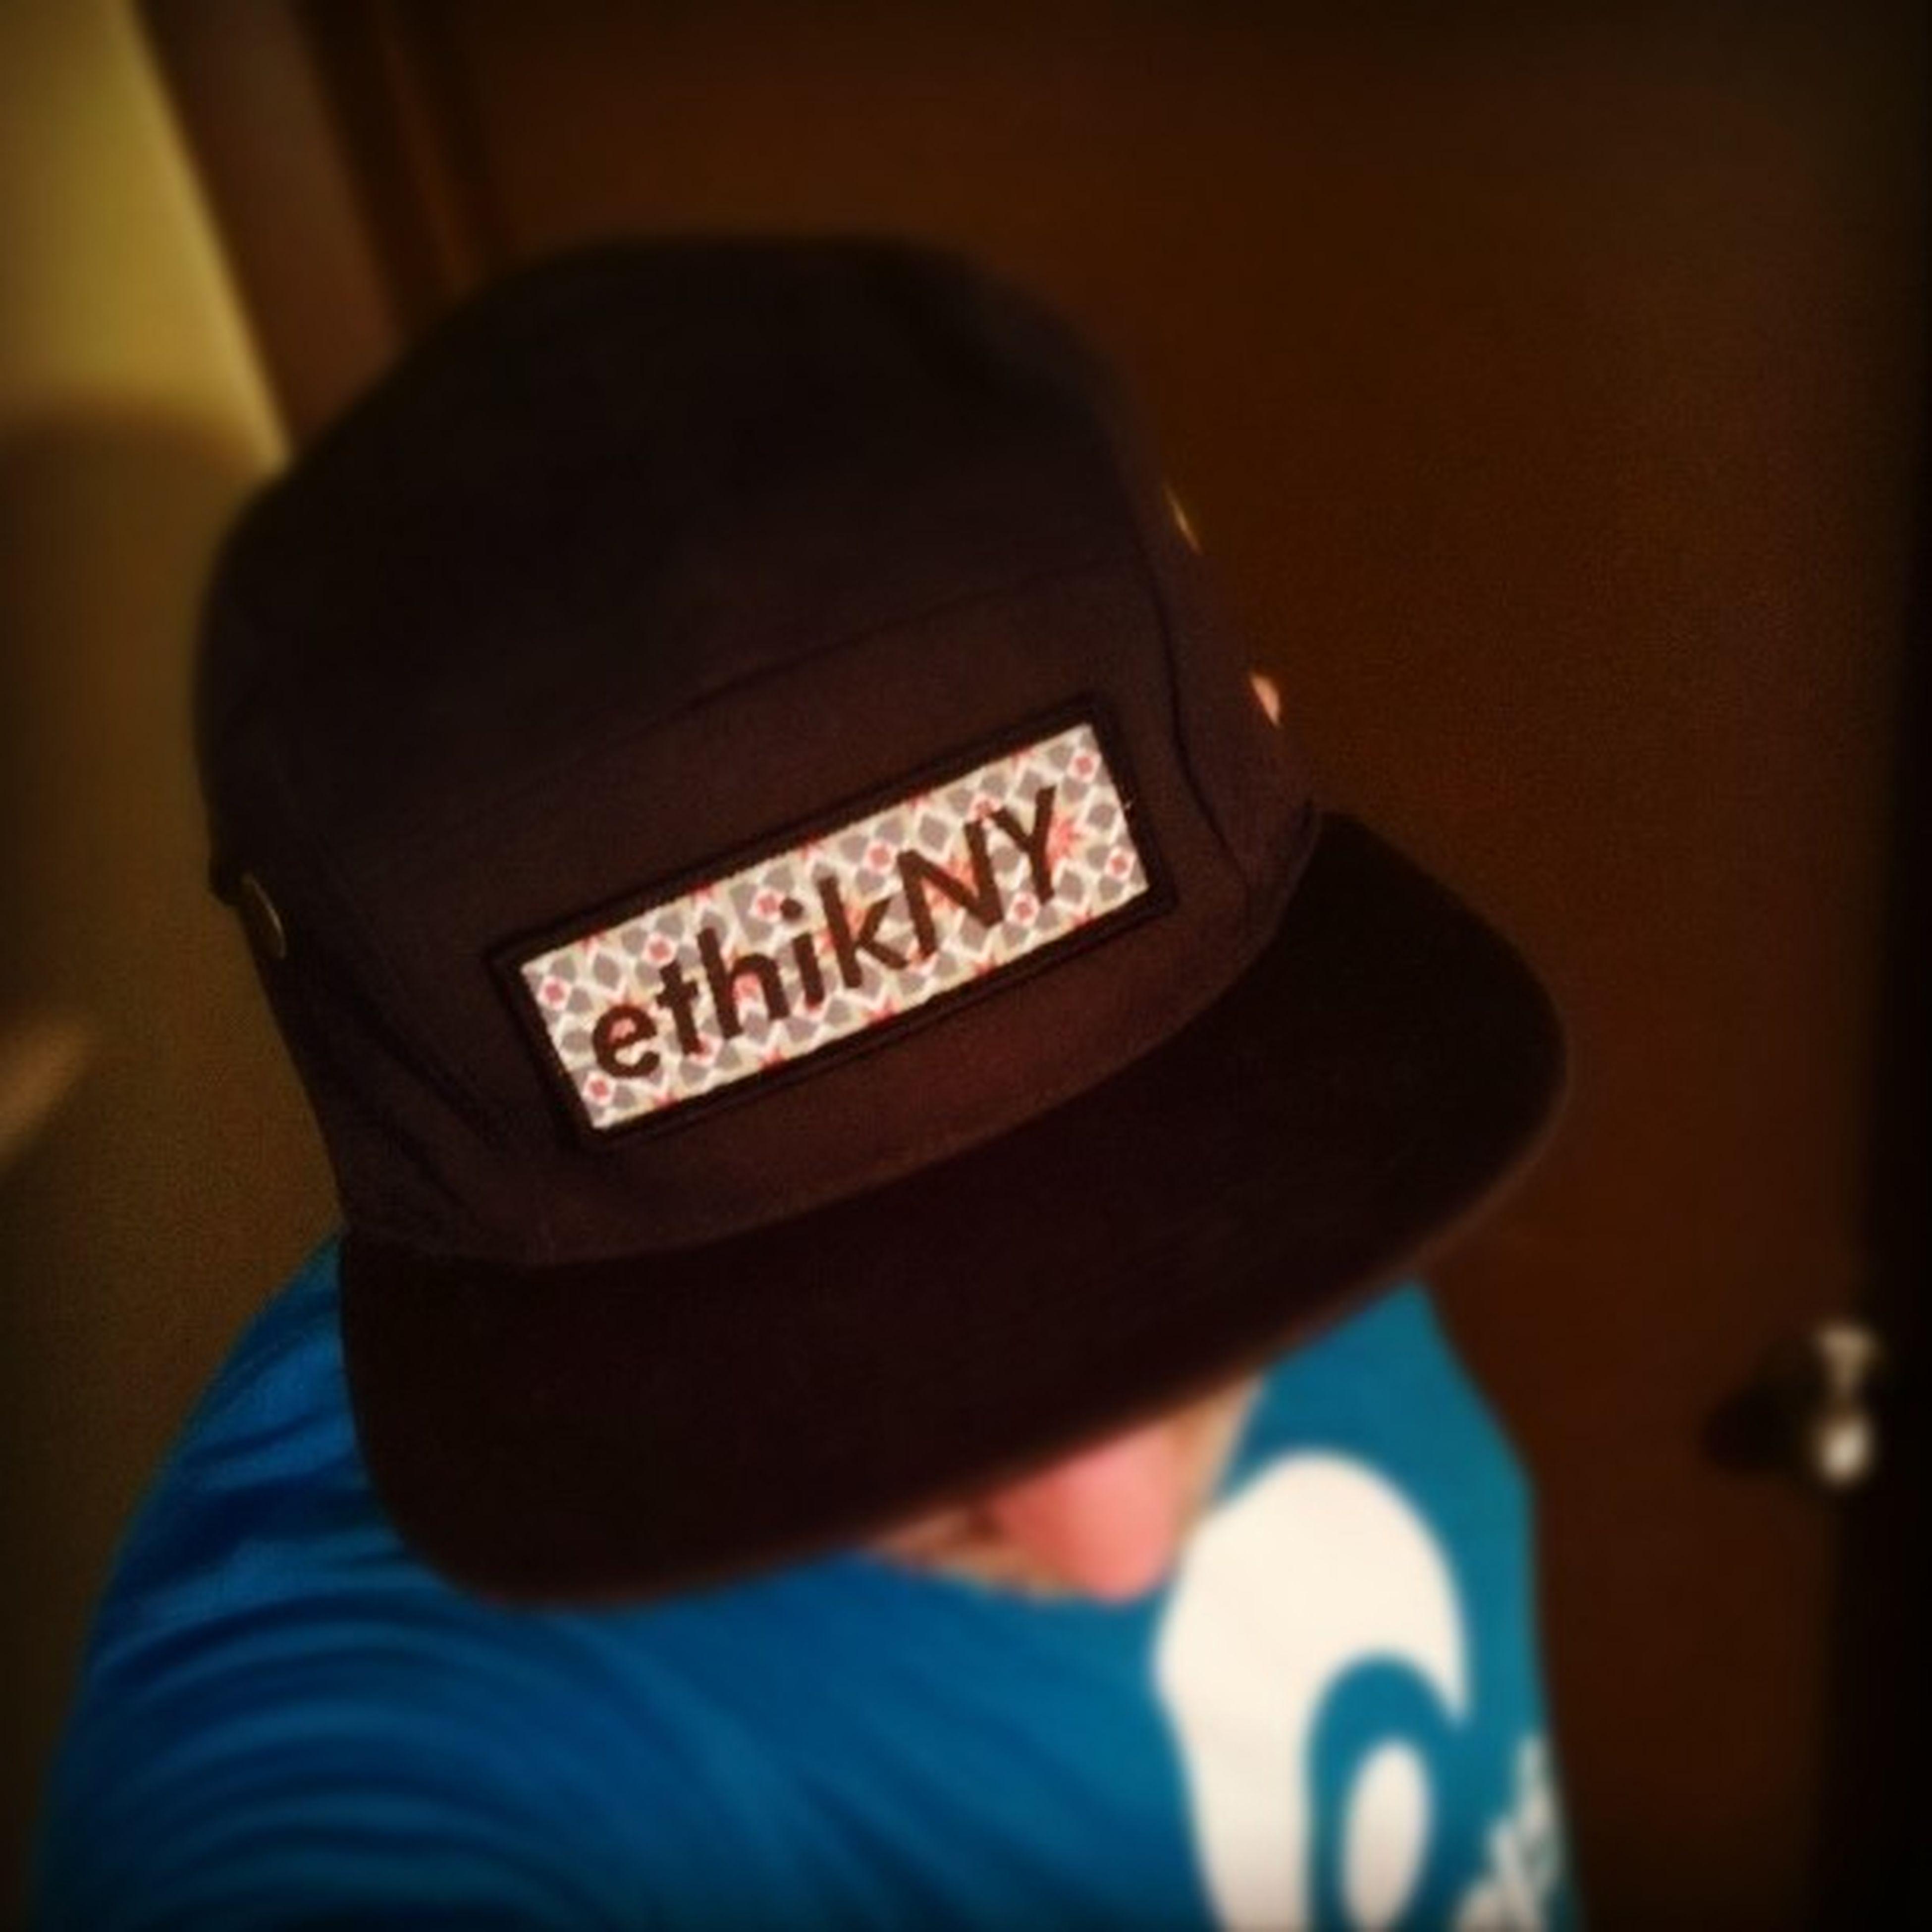 Gotta nice new Cap! EthnikNY @selskethik